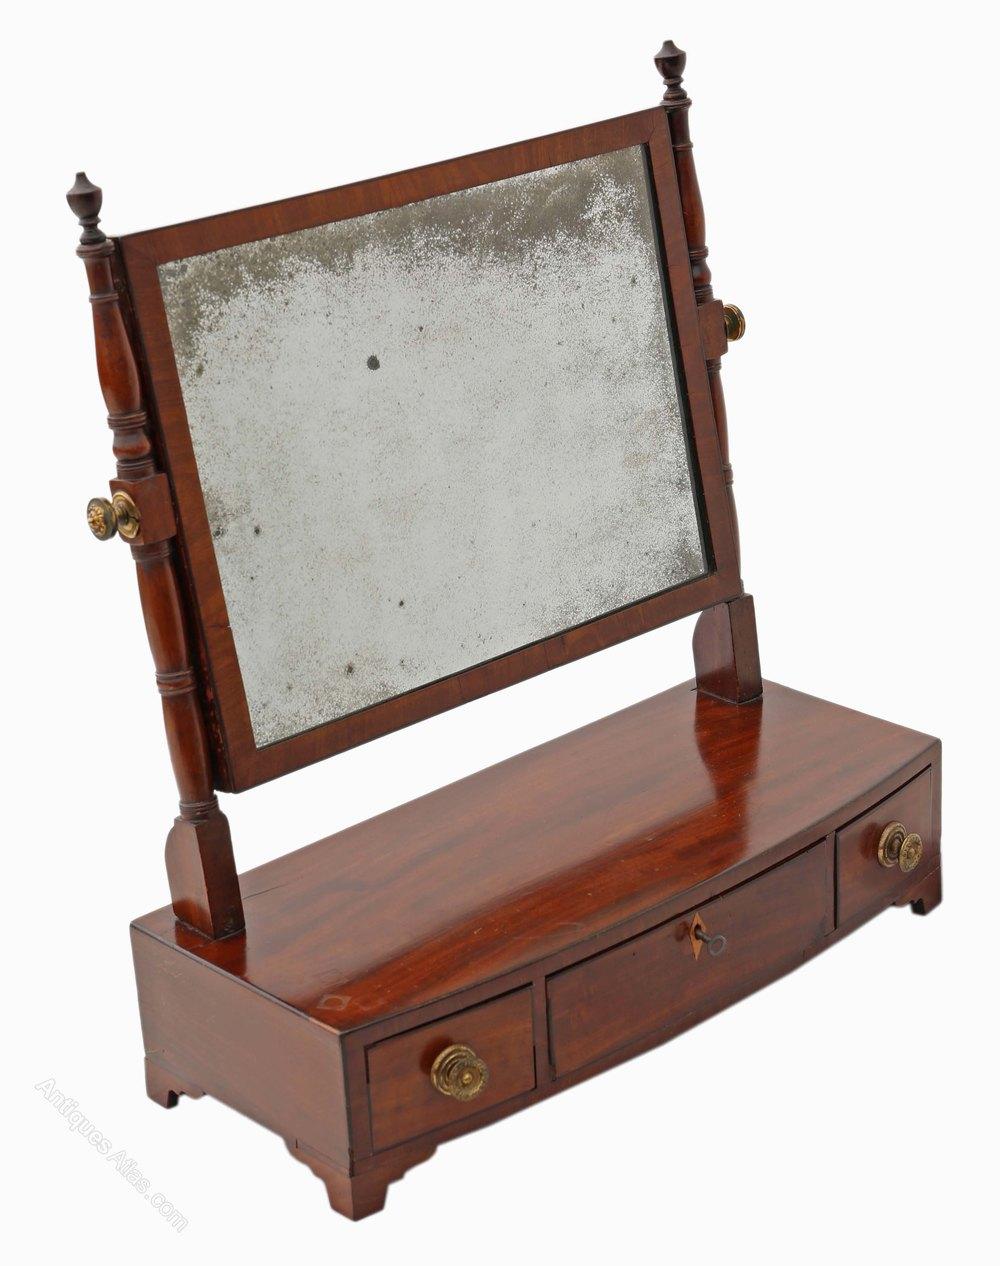 Antique swinging table mirror